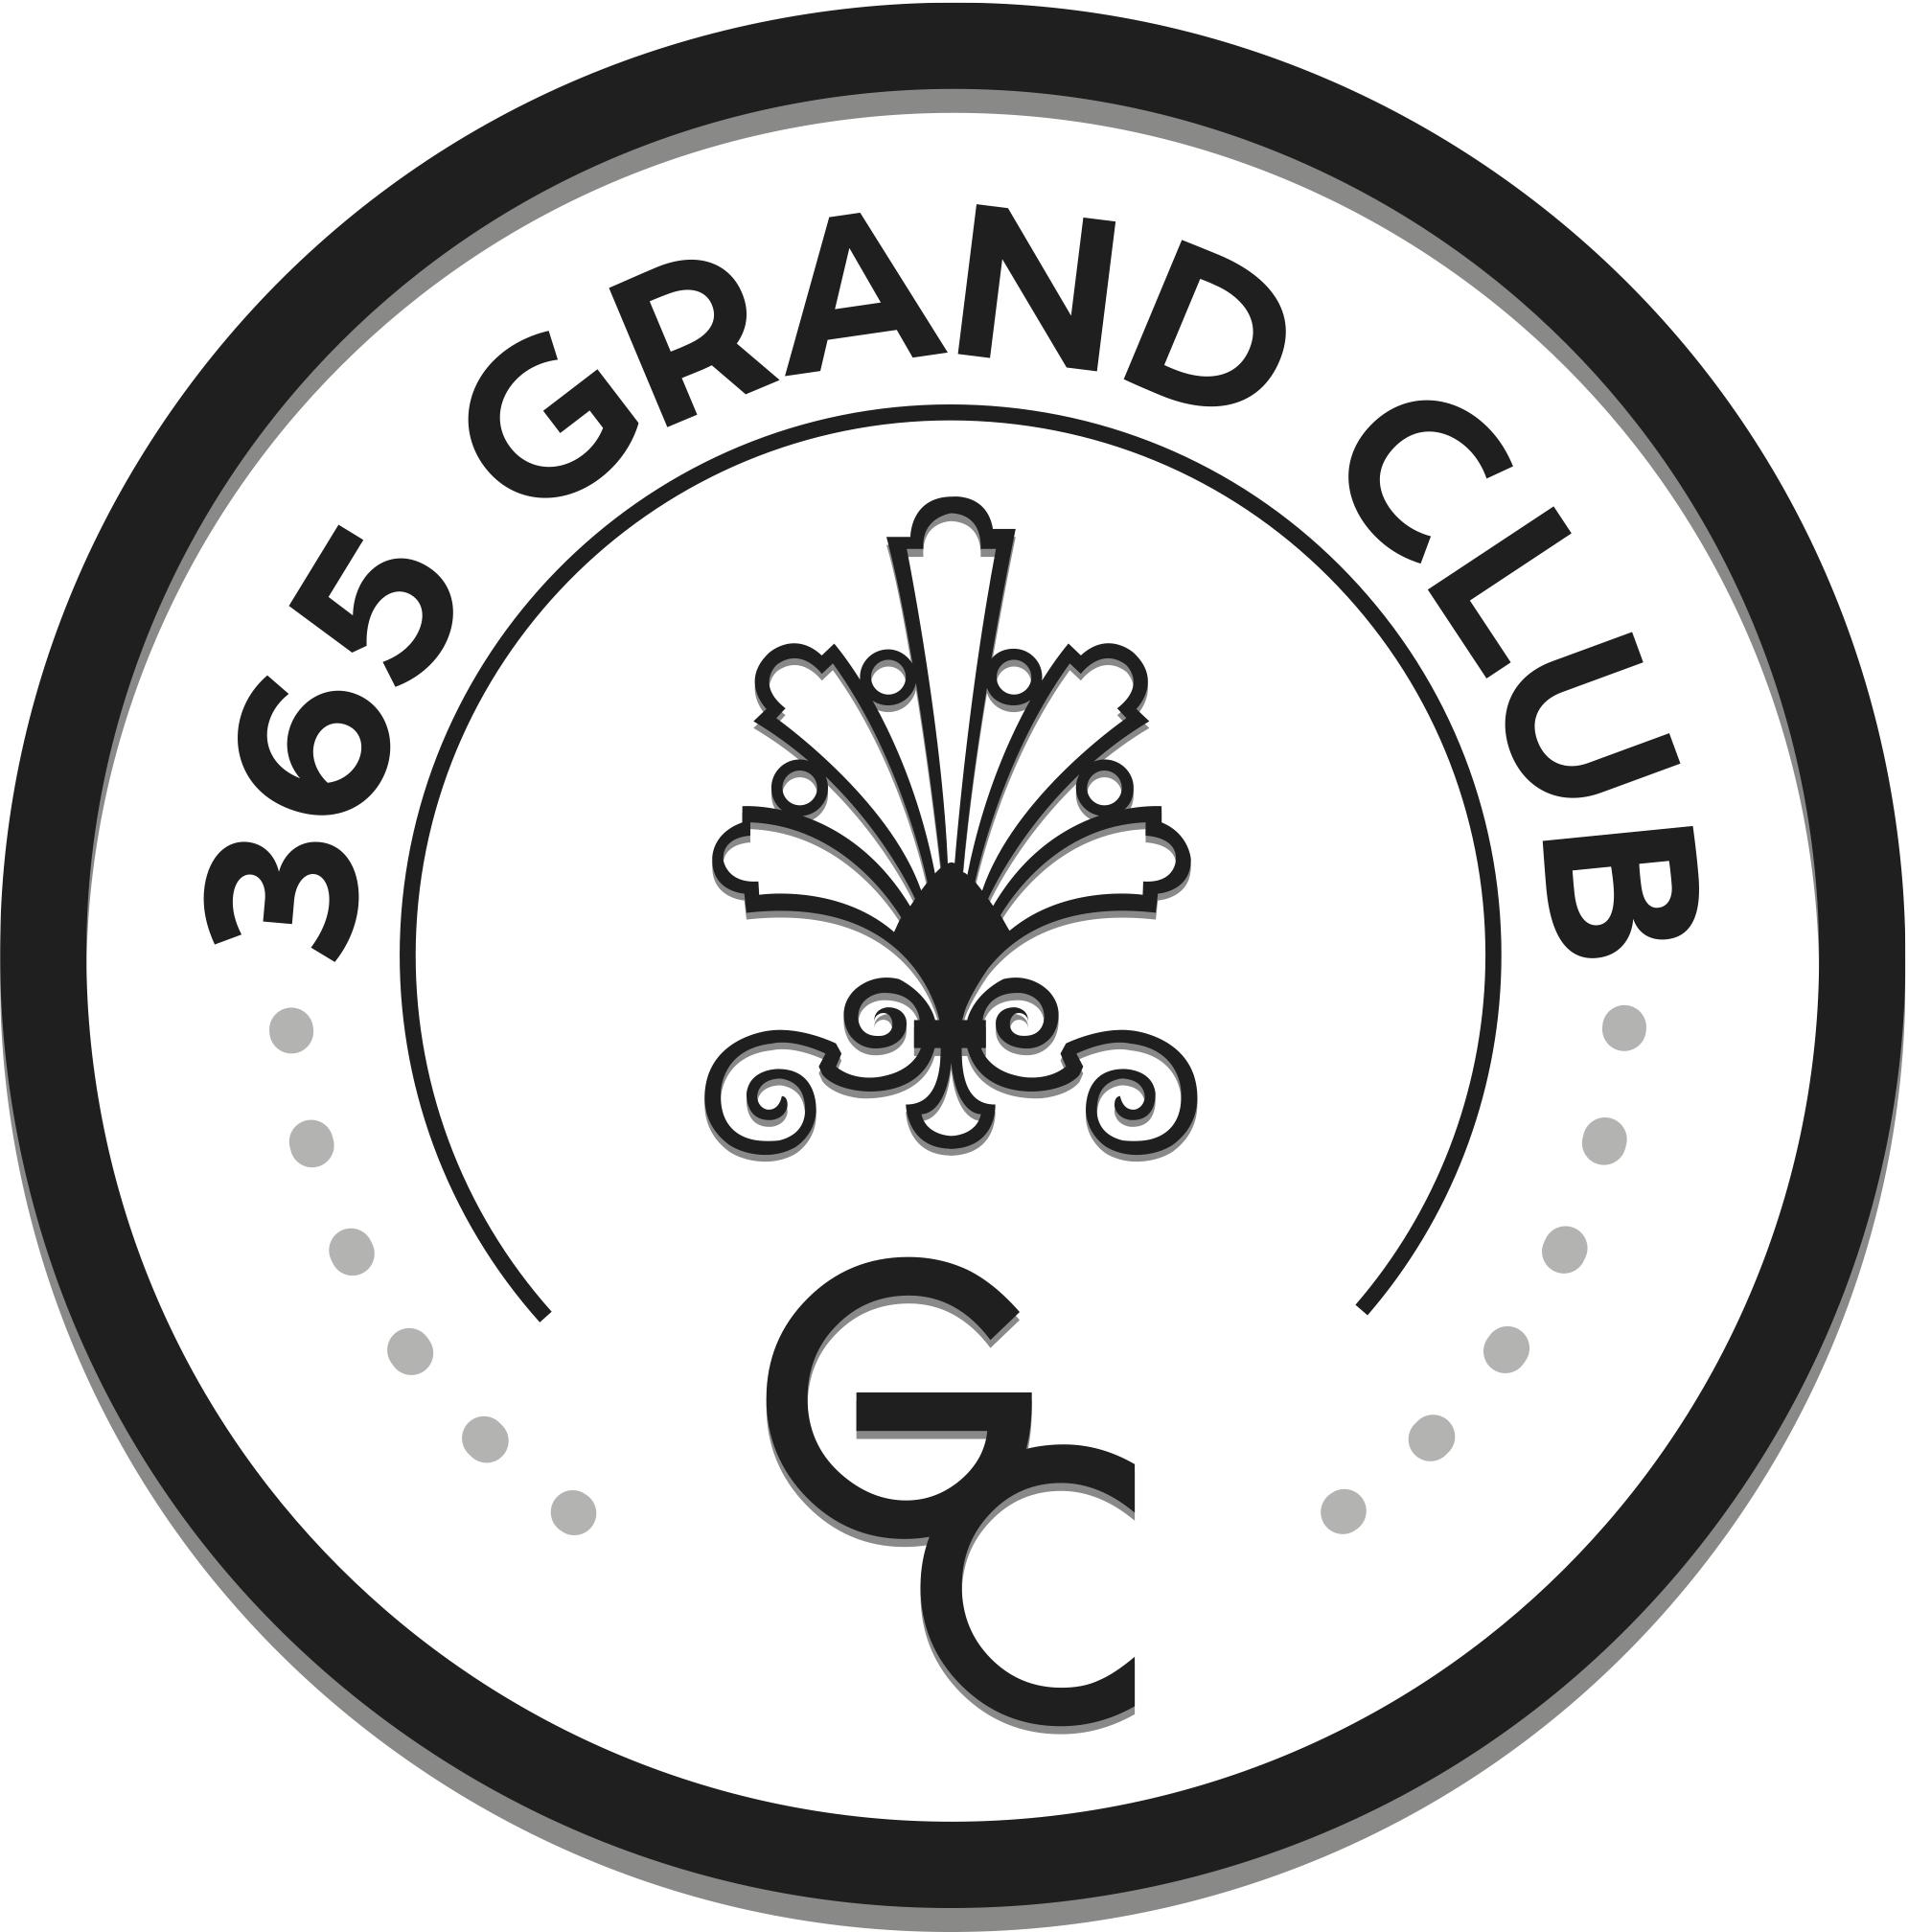 365GrandClub-LogoA-BlkWhite